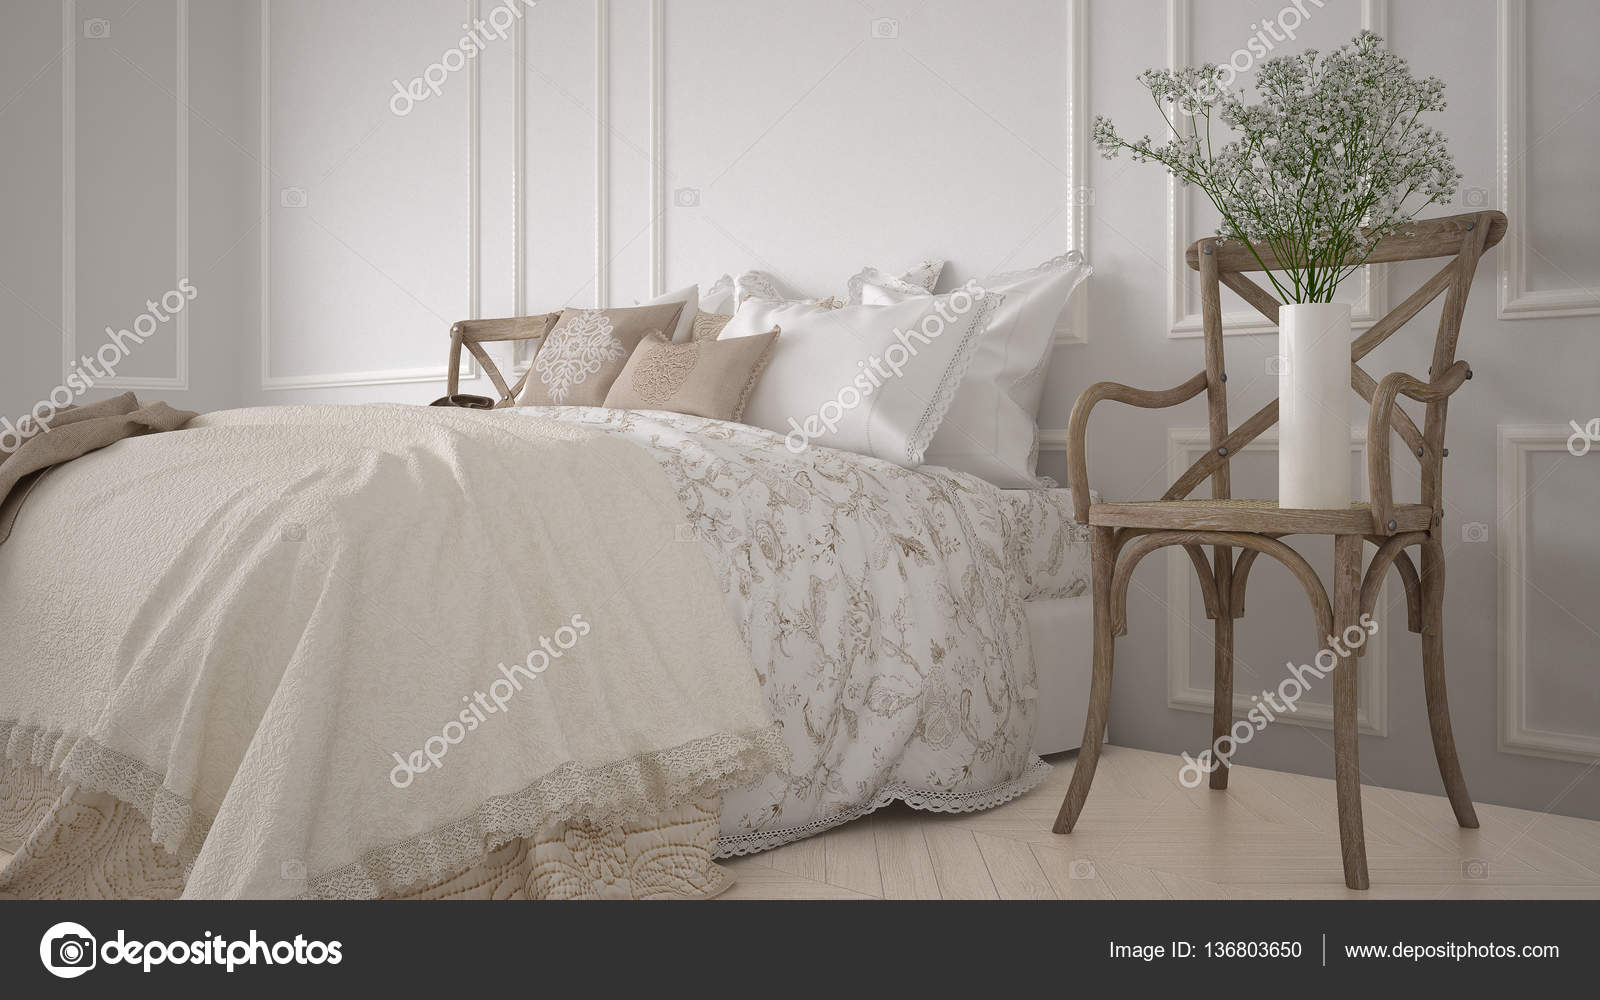 Arredamento Minimalista Camera Da Letto : Arredamento camera da letto classica minimalista bianco u foto